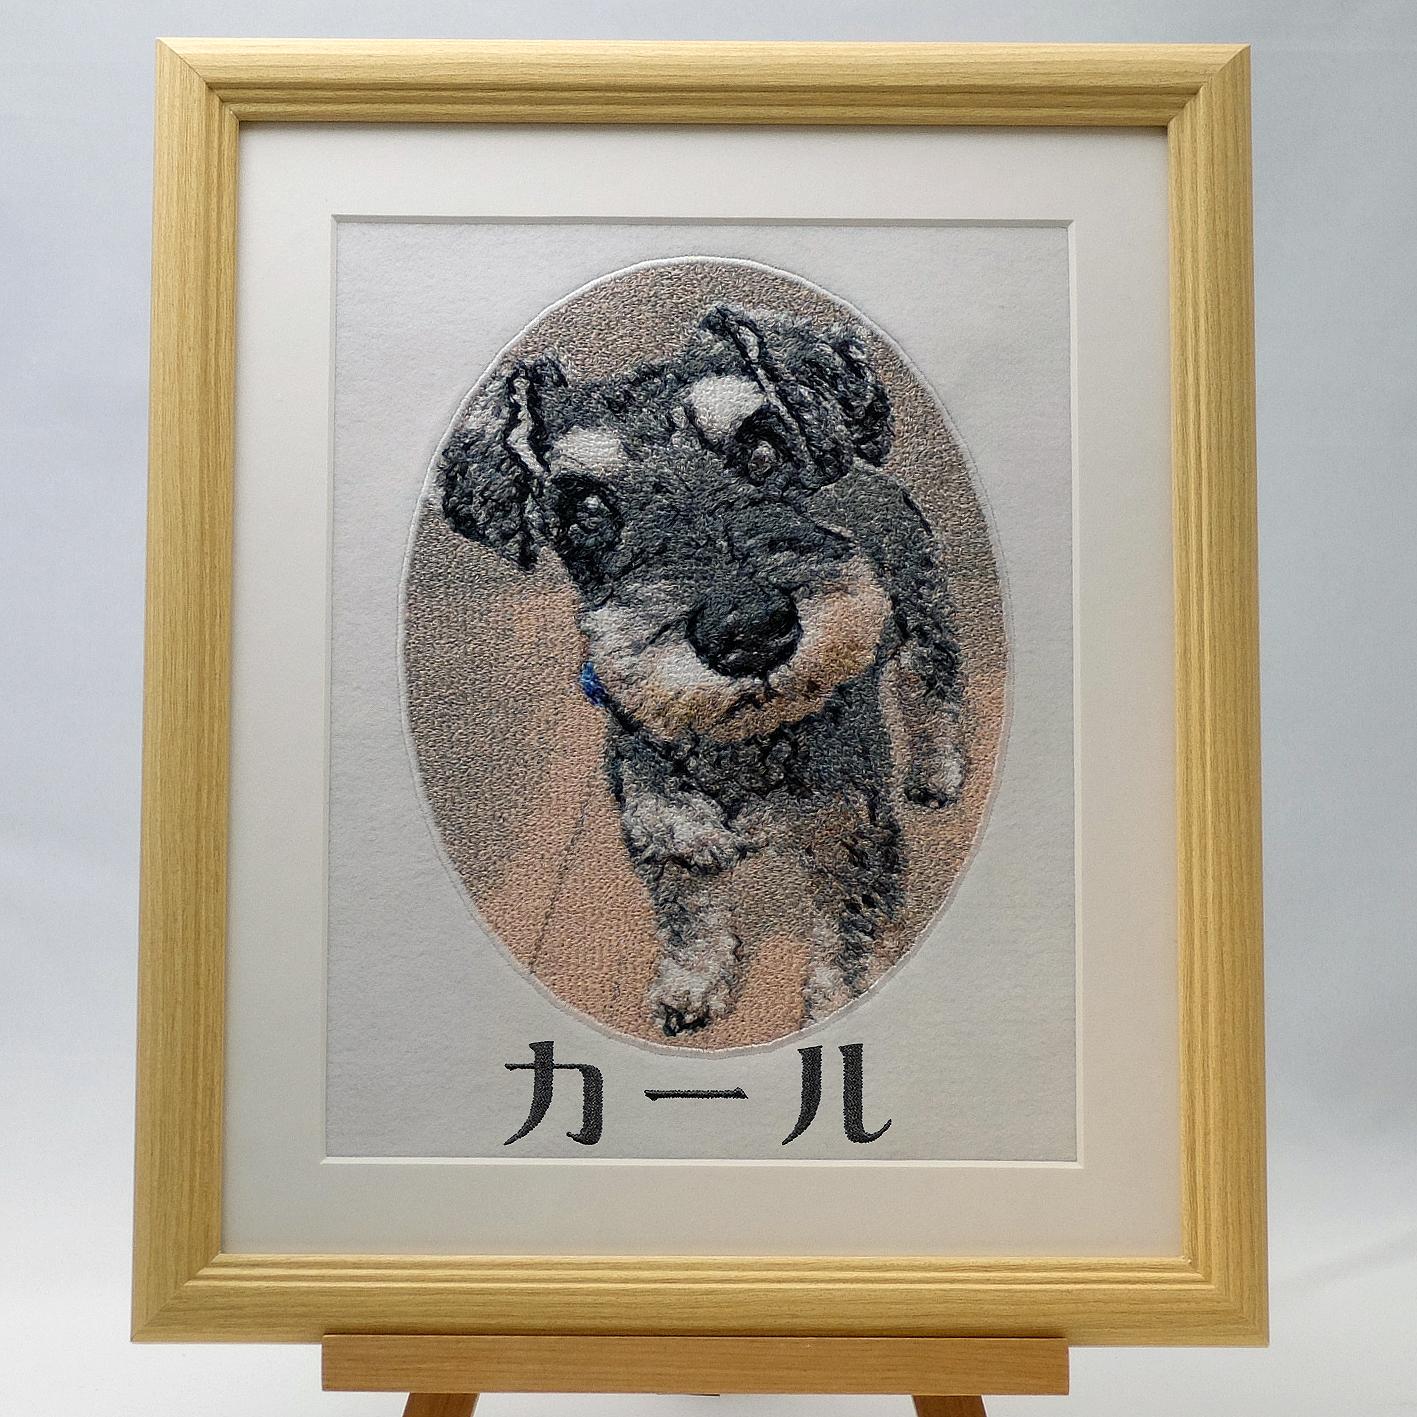 刺繍アート・フォト刺繍